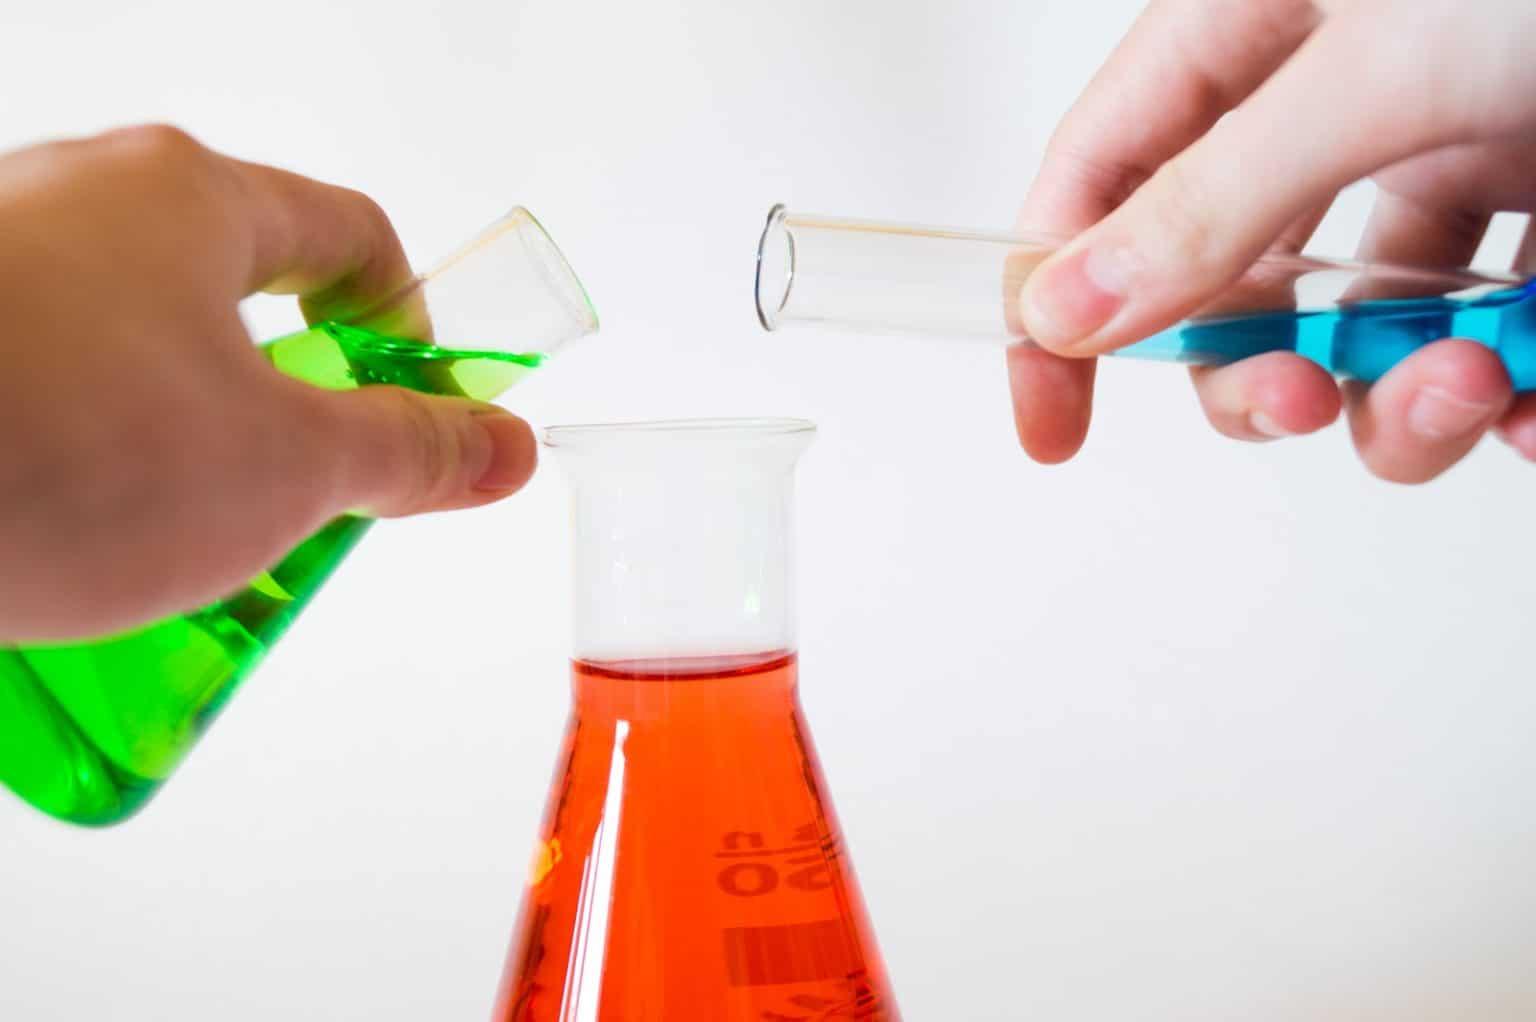 Verfahren wegen Straftat nach Chemikaliengesetz